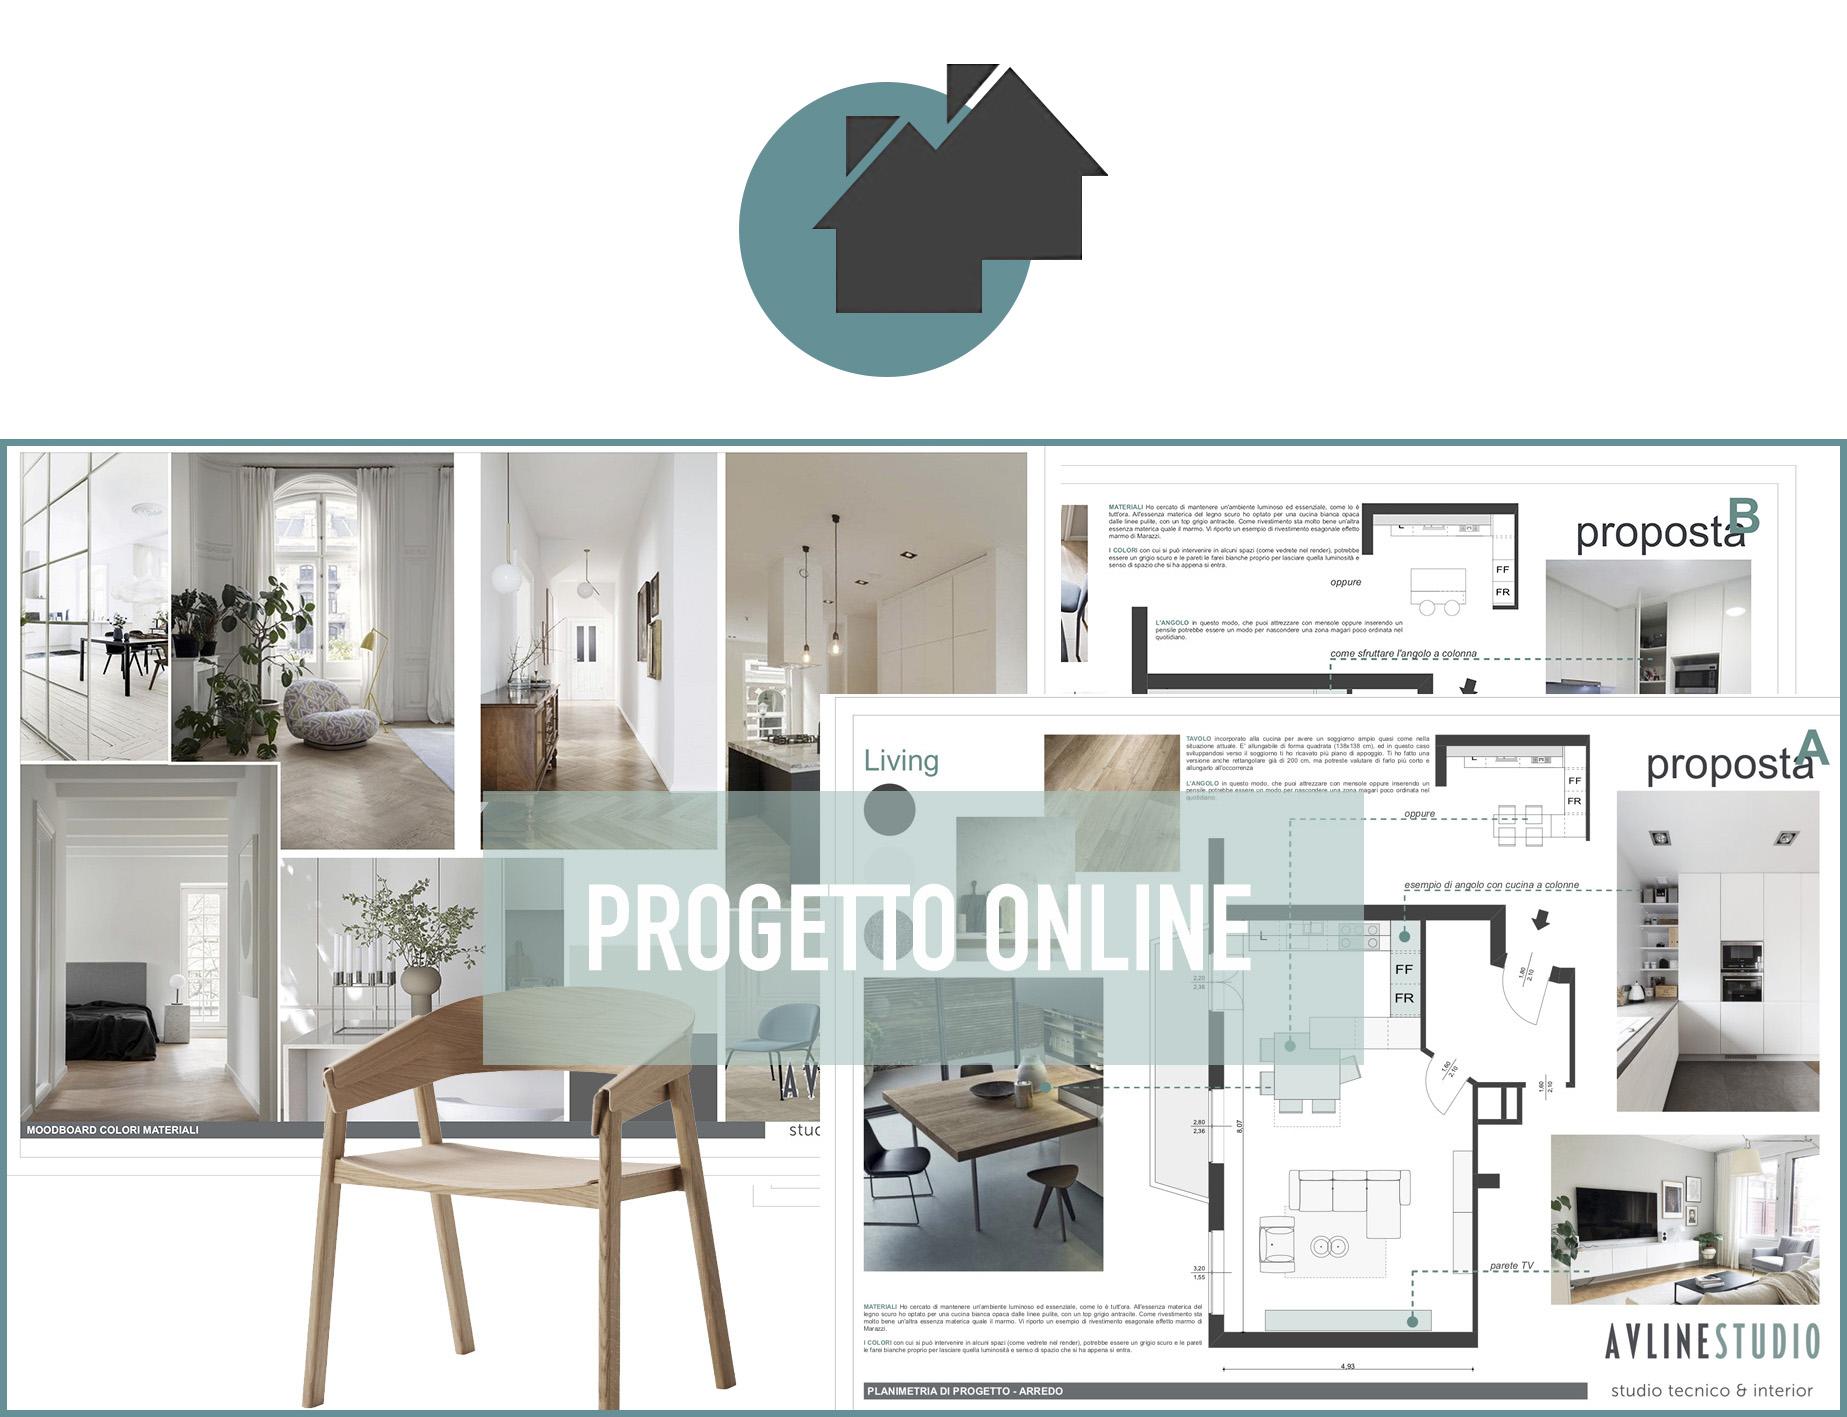 PROG ONLINE HOME